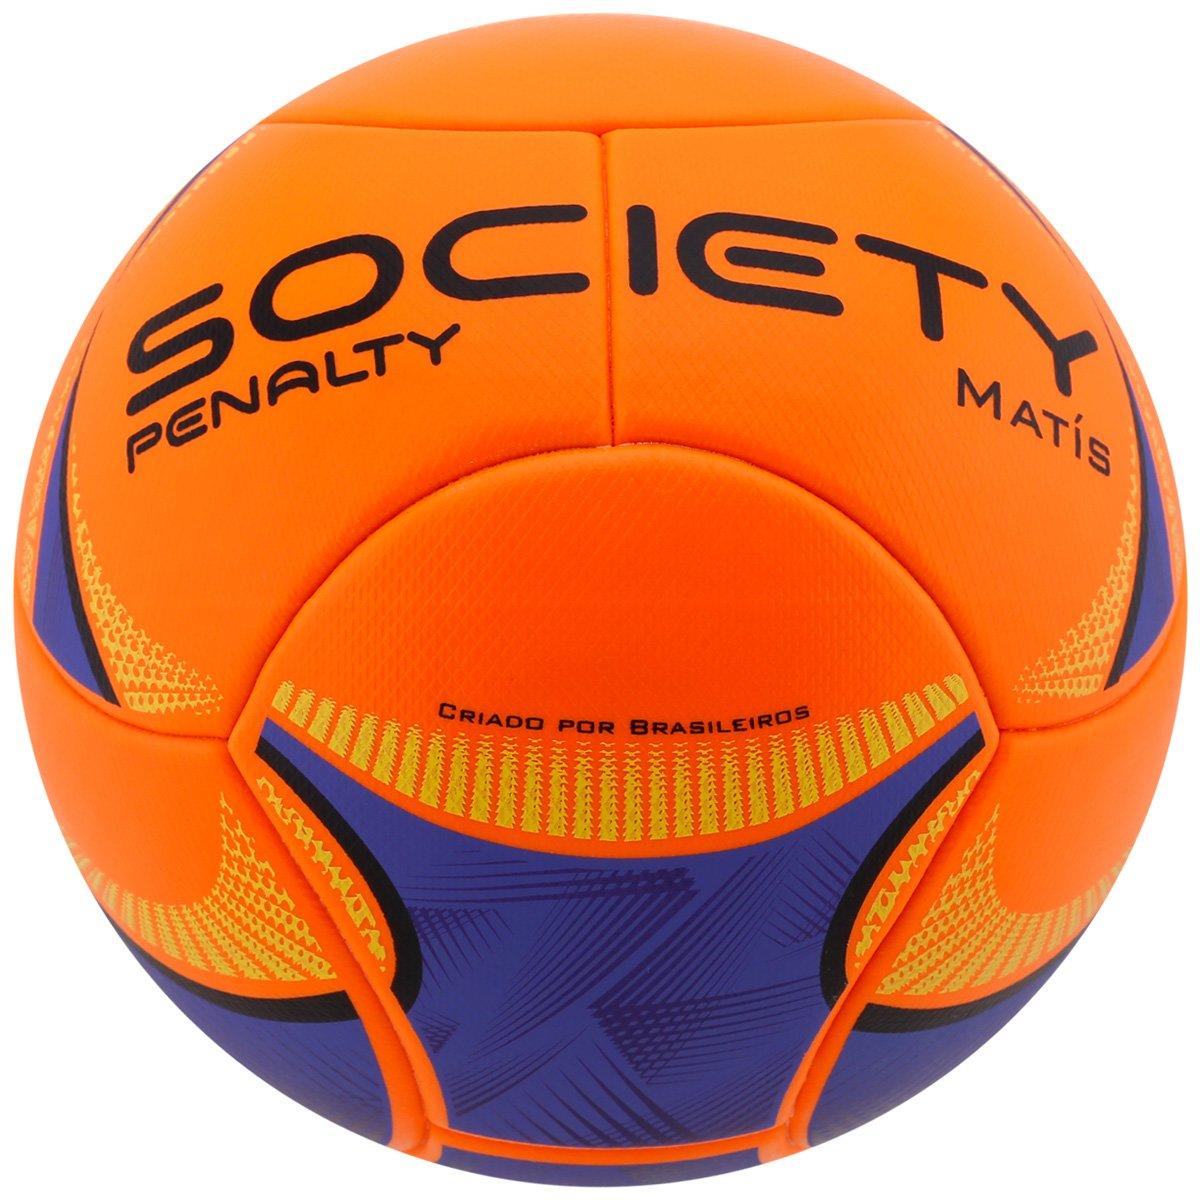 d789d11123db6 Bola Futebol Penalty Matis 5 Society - Compre Agora